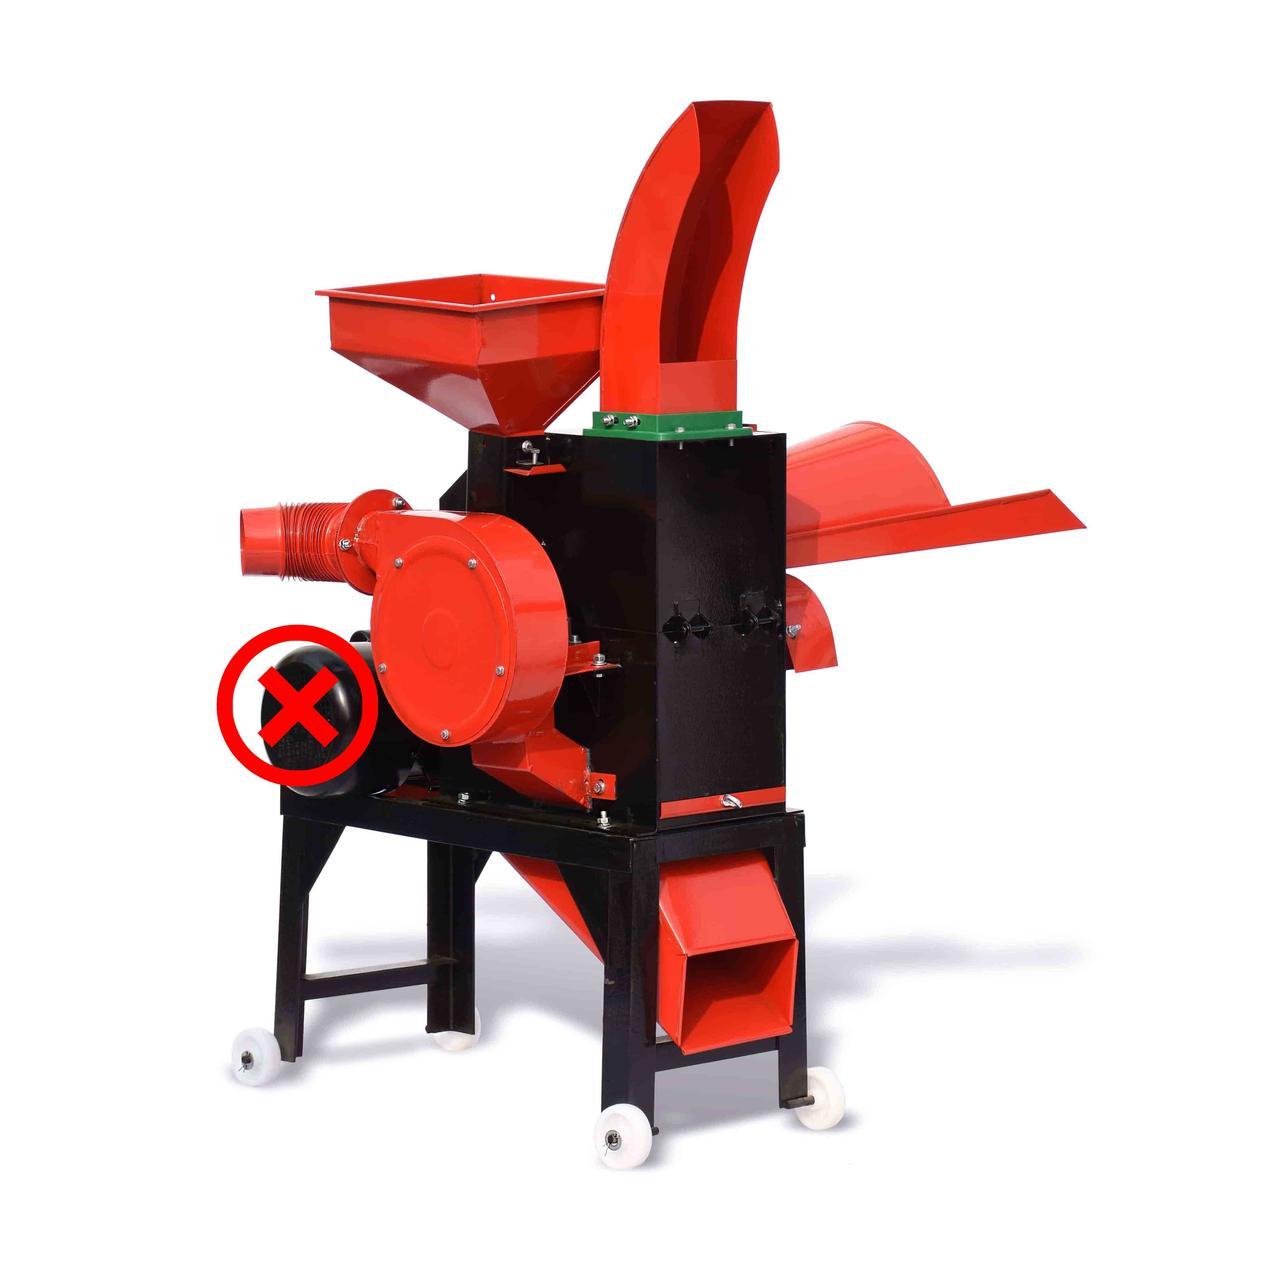 Подрібнювач кормів (зернодробарка, ДКУ) Tehnomur MS 400-24T (OH 400-24T) з турбіною (без двигуна)